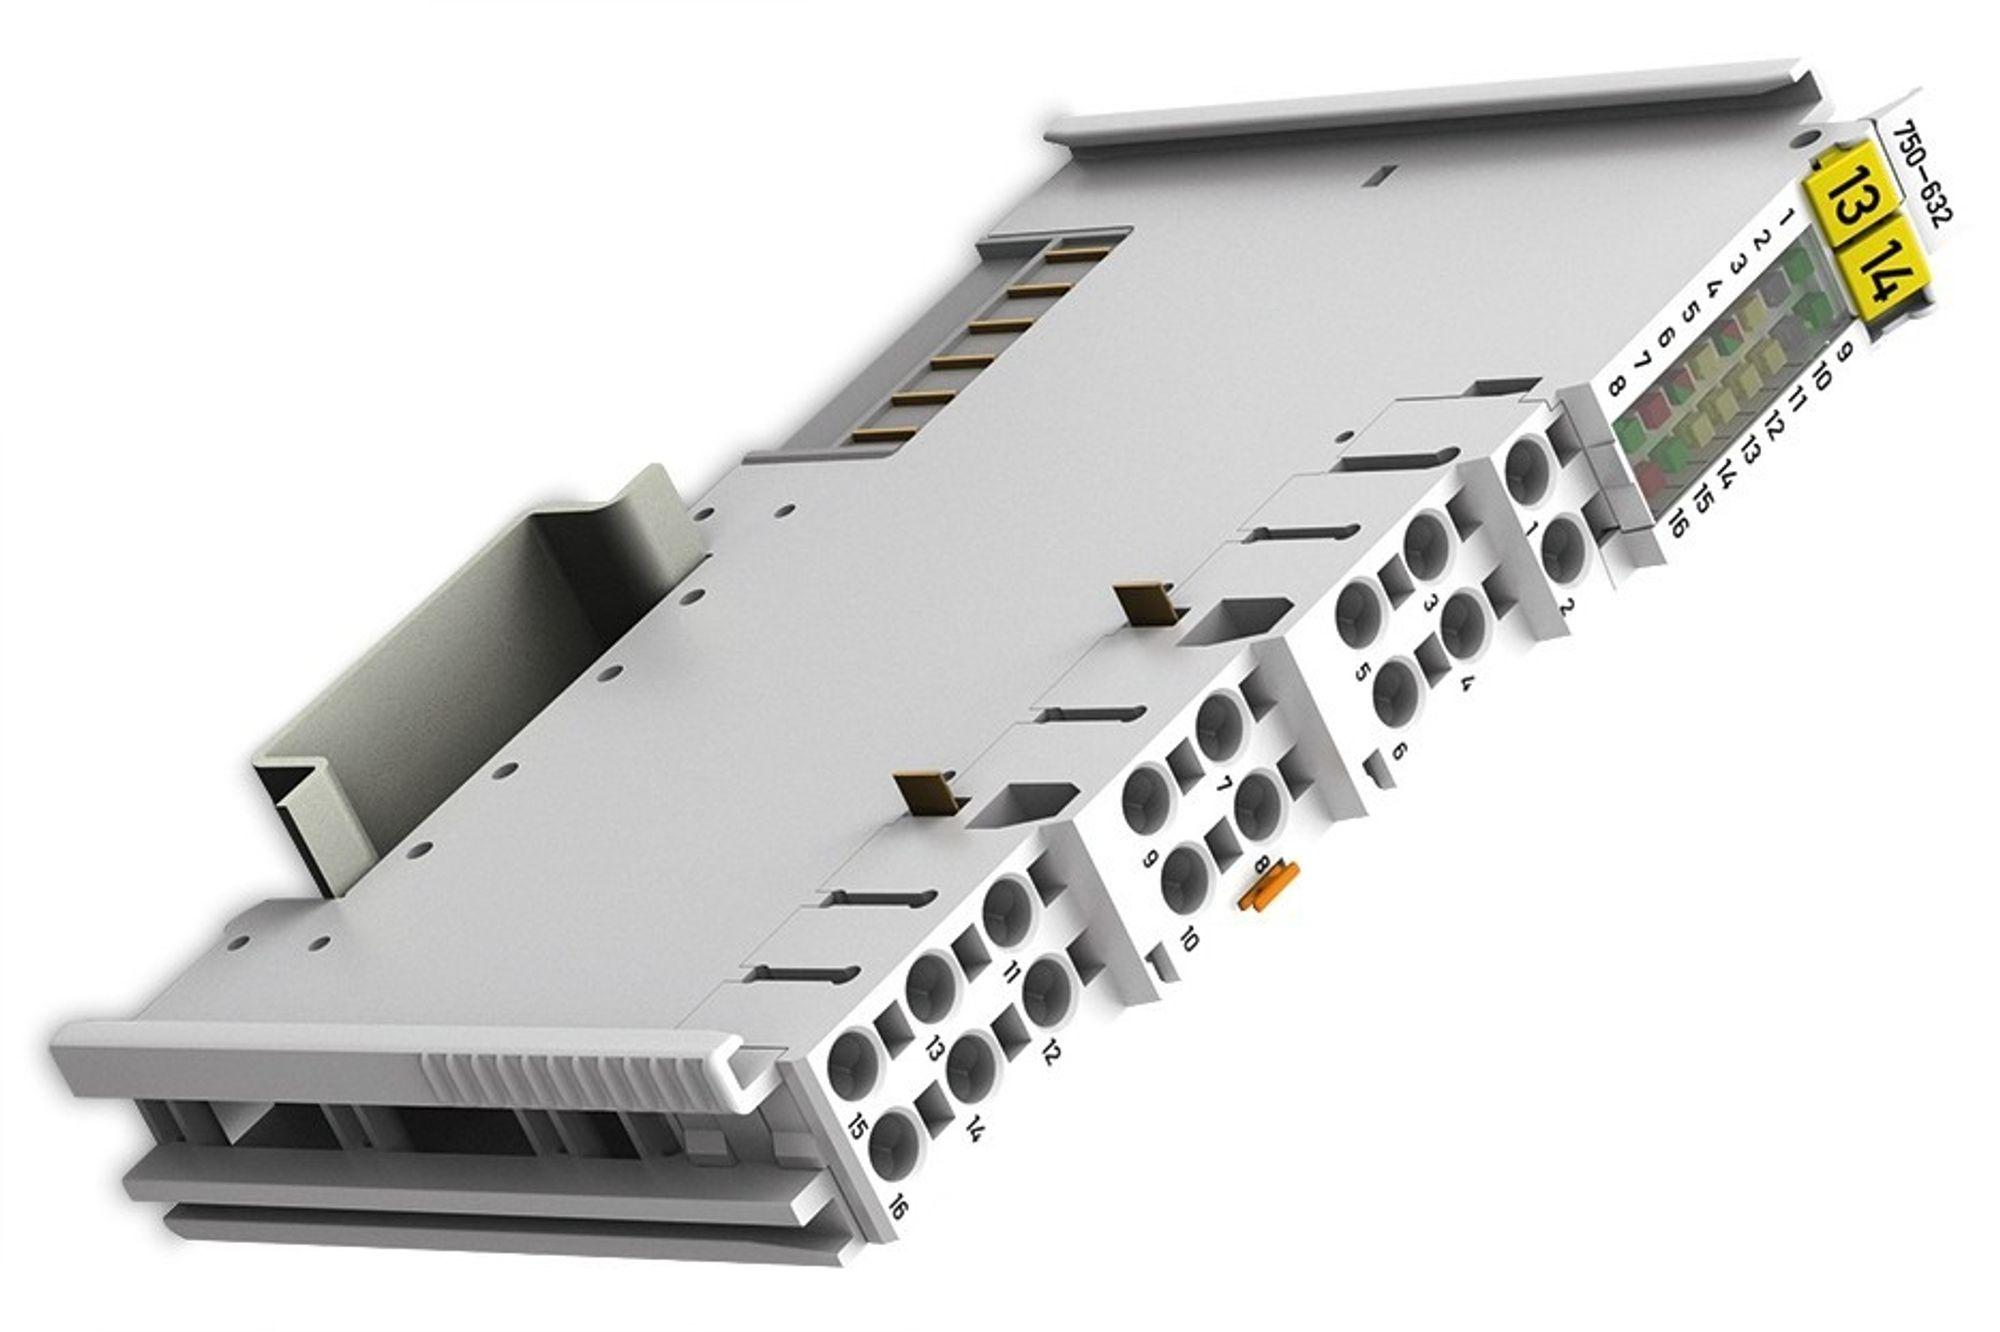 Modul for direkte styring av hydrauliske- eller pneumatiske proporsjonalventiler uten ekstra forsterker for Wago og Siemens PLS-er (via Profibus DP).